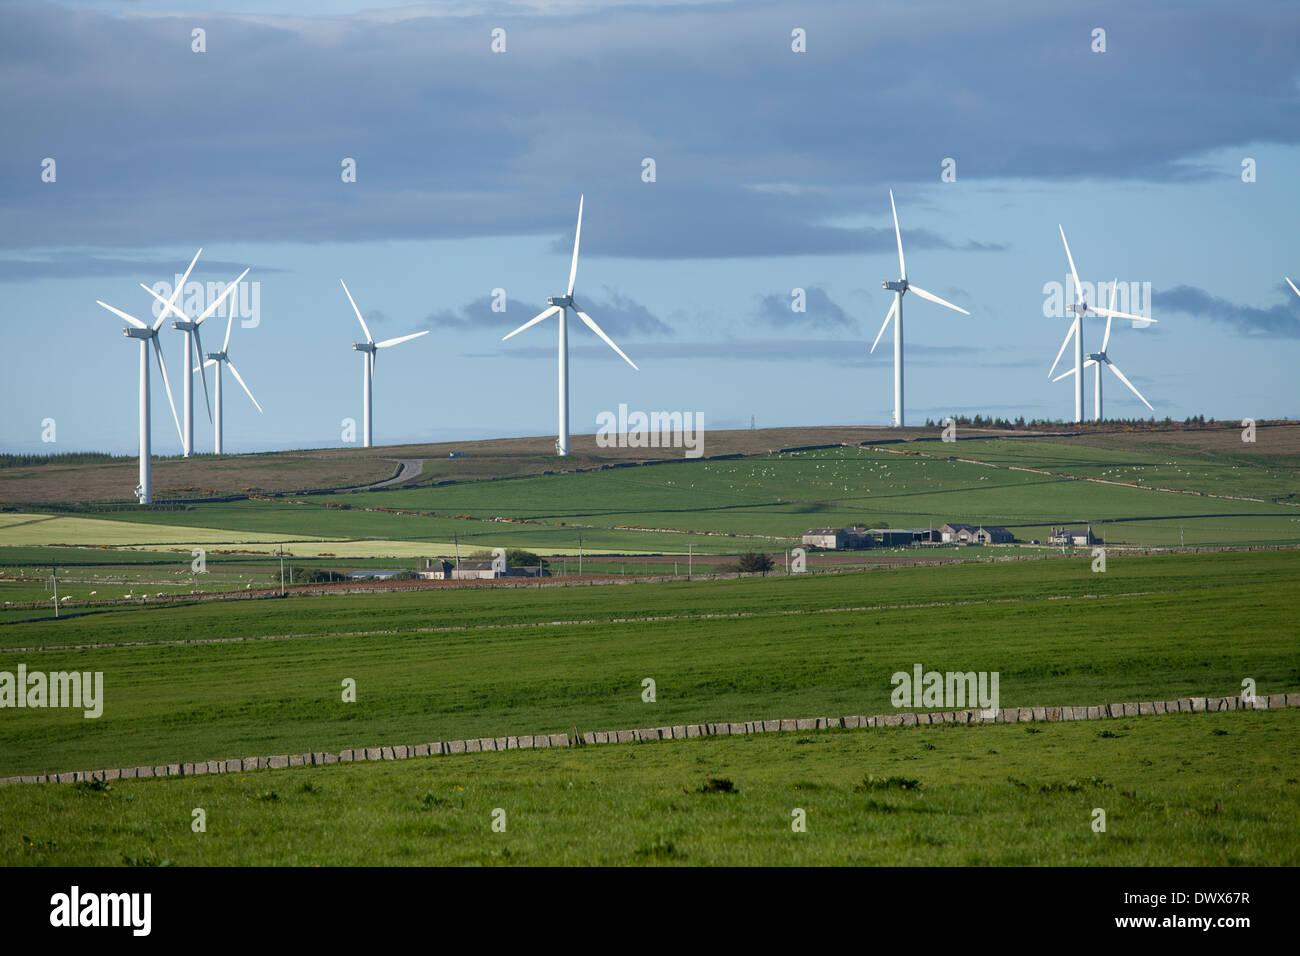 Baillie Wind Farm, near Dounreay, Thurso, Caithness Scotland - Stock Image